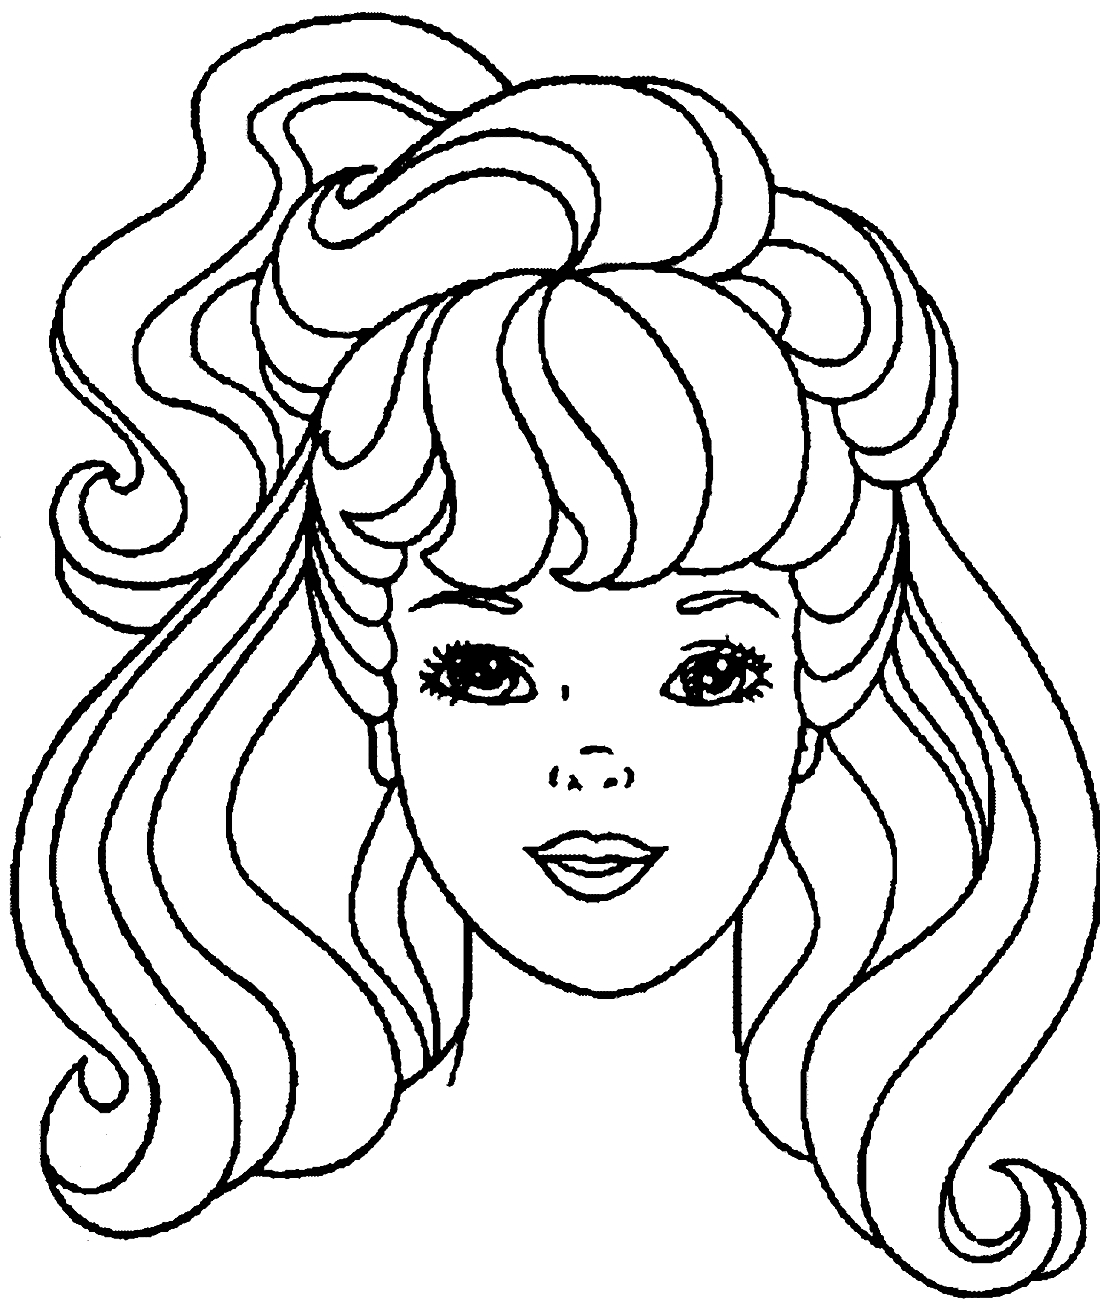 Раскраска прически для девочек онлайн